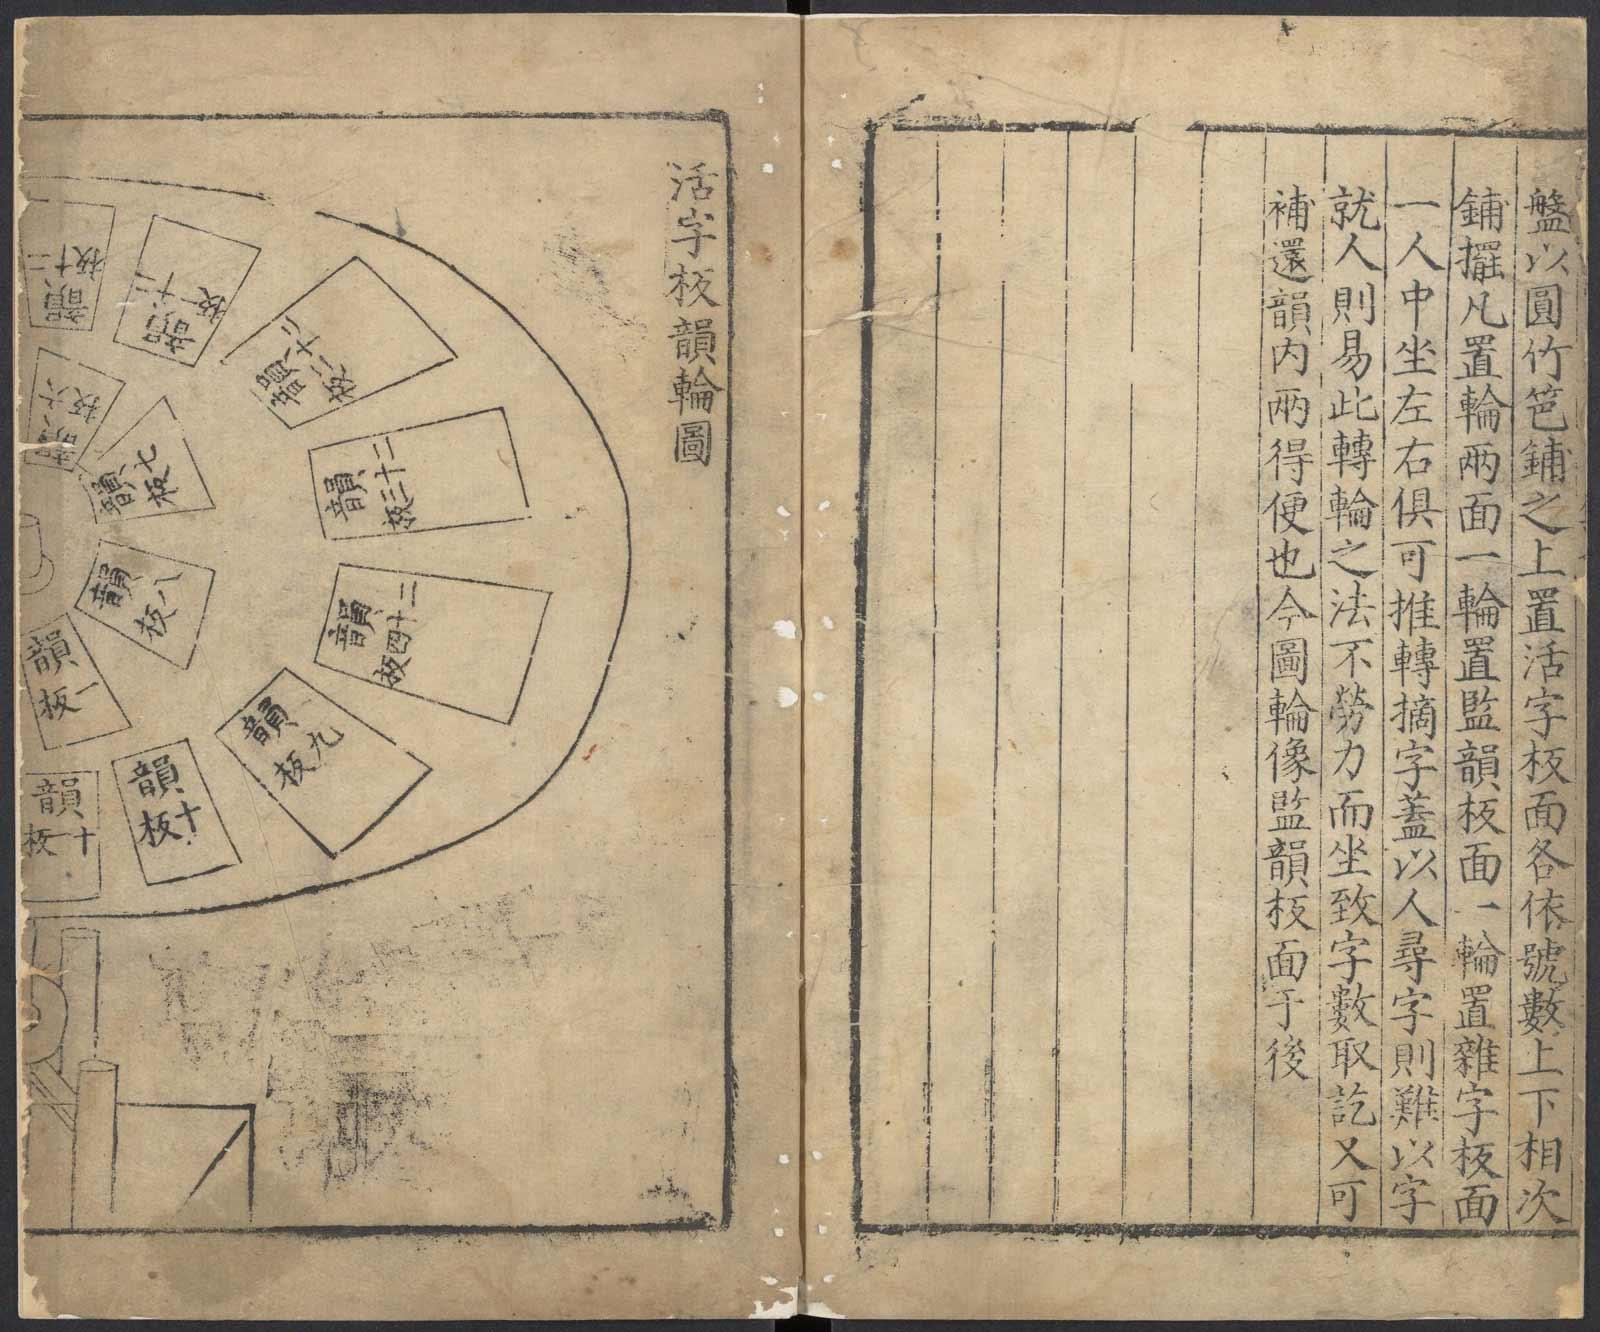 wang-zhen-nong-shu